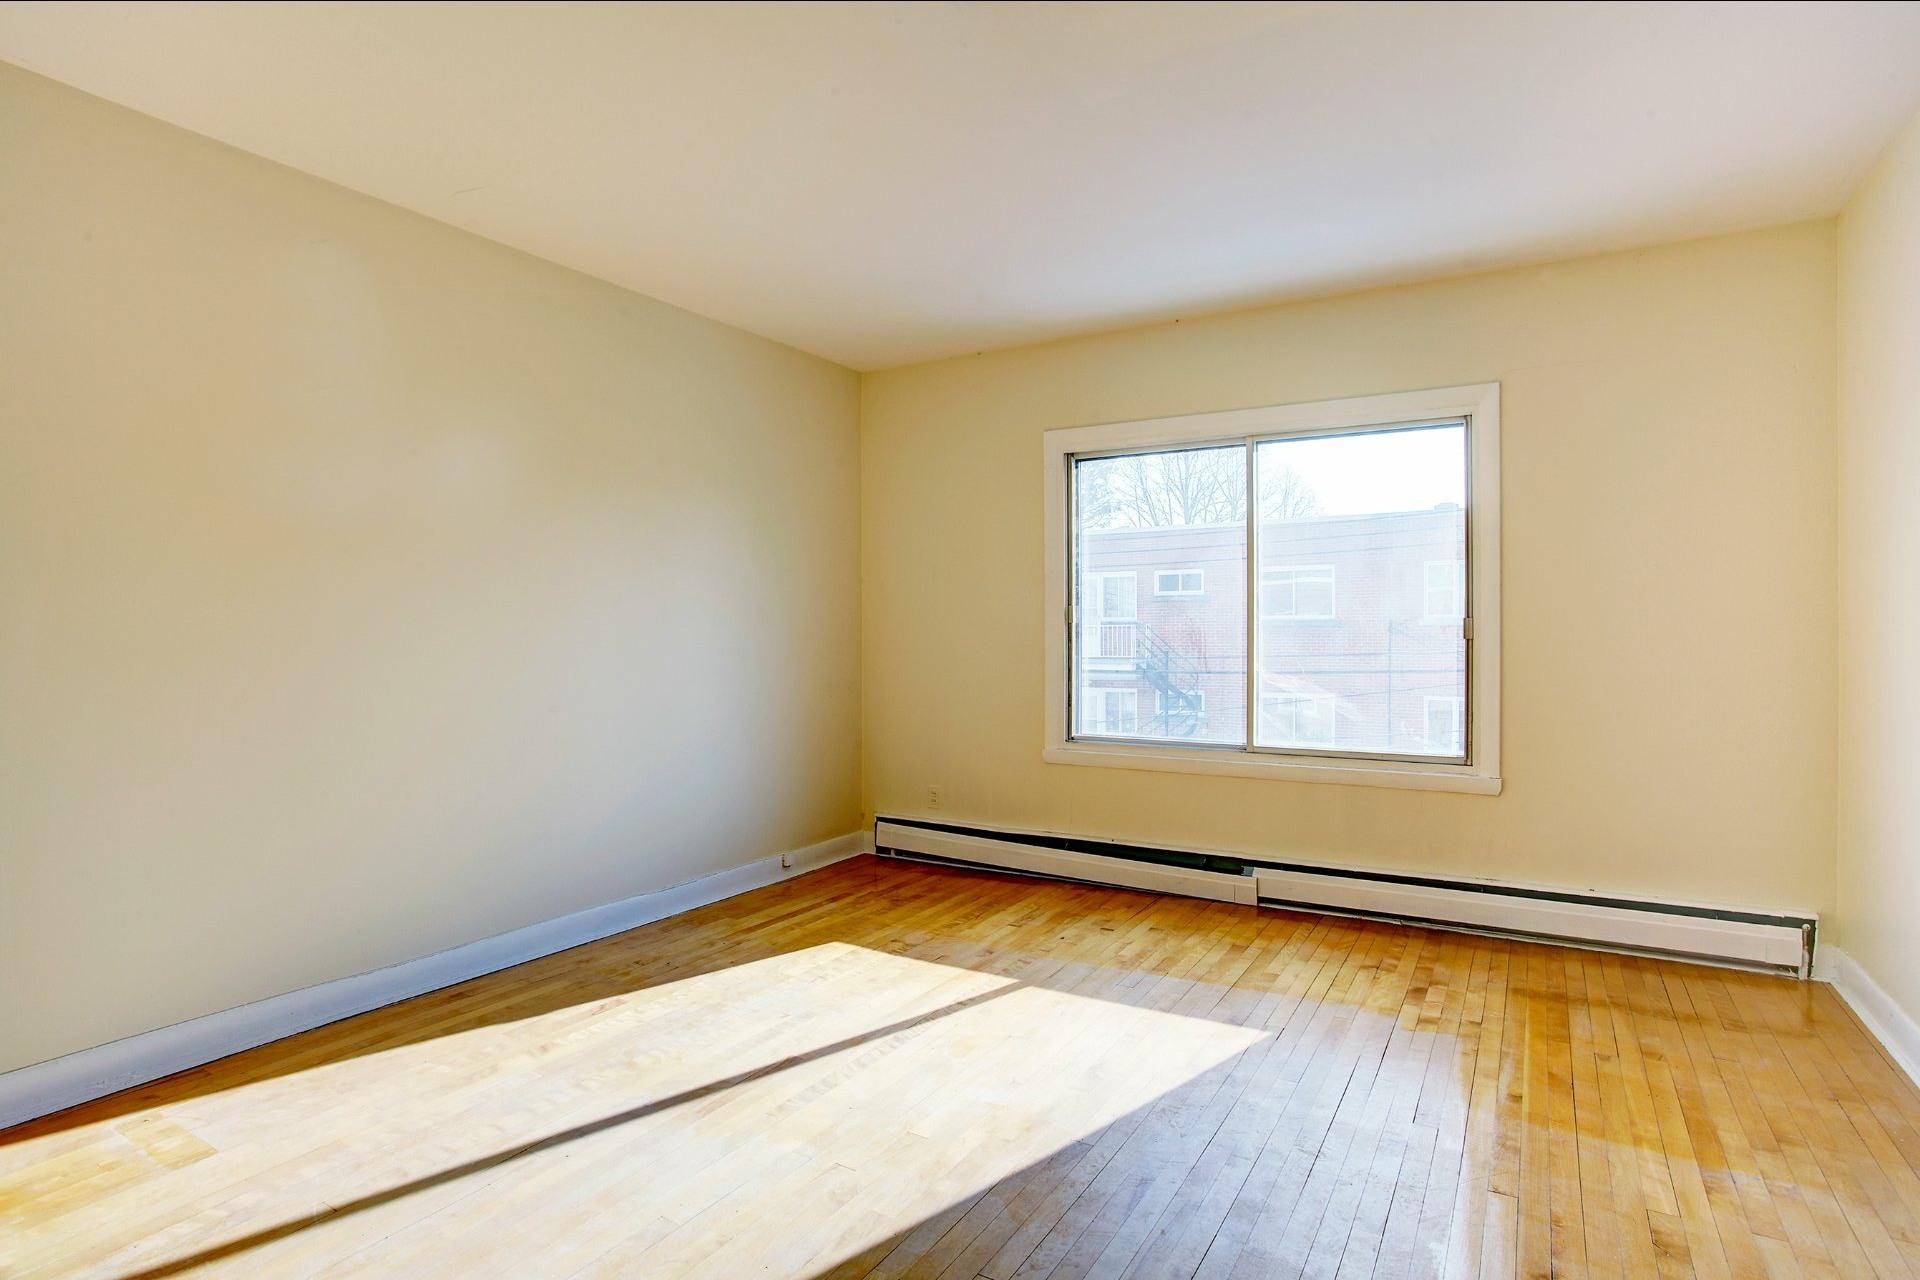 image 11 - Duplex À vendre Saint-Laurent Montréal  - 7 pièces